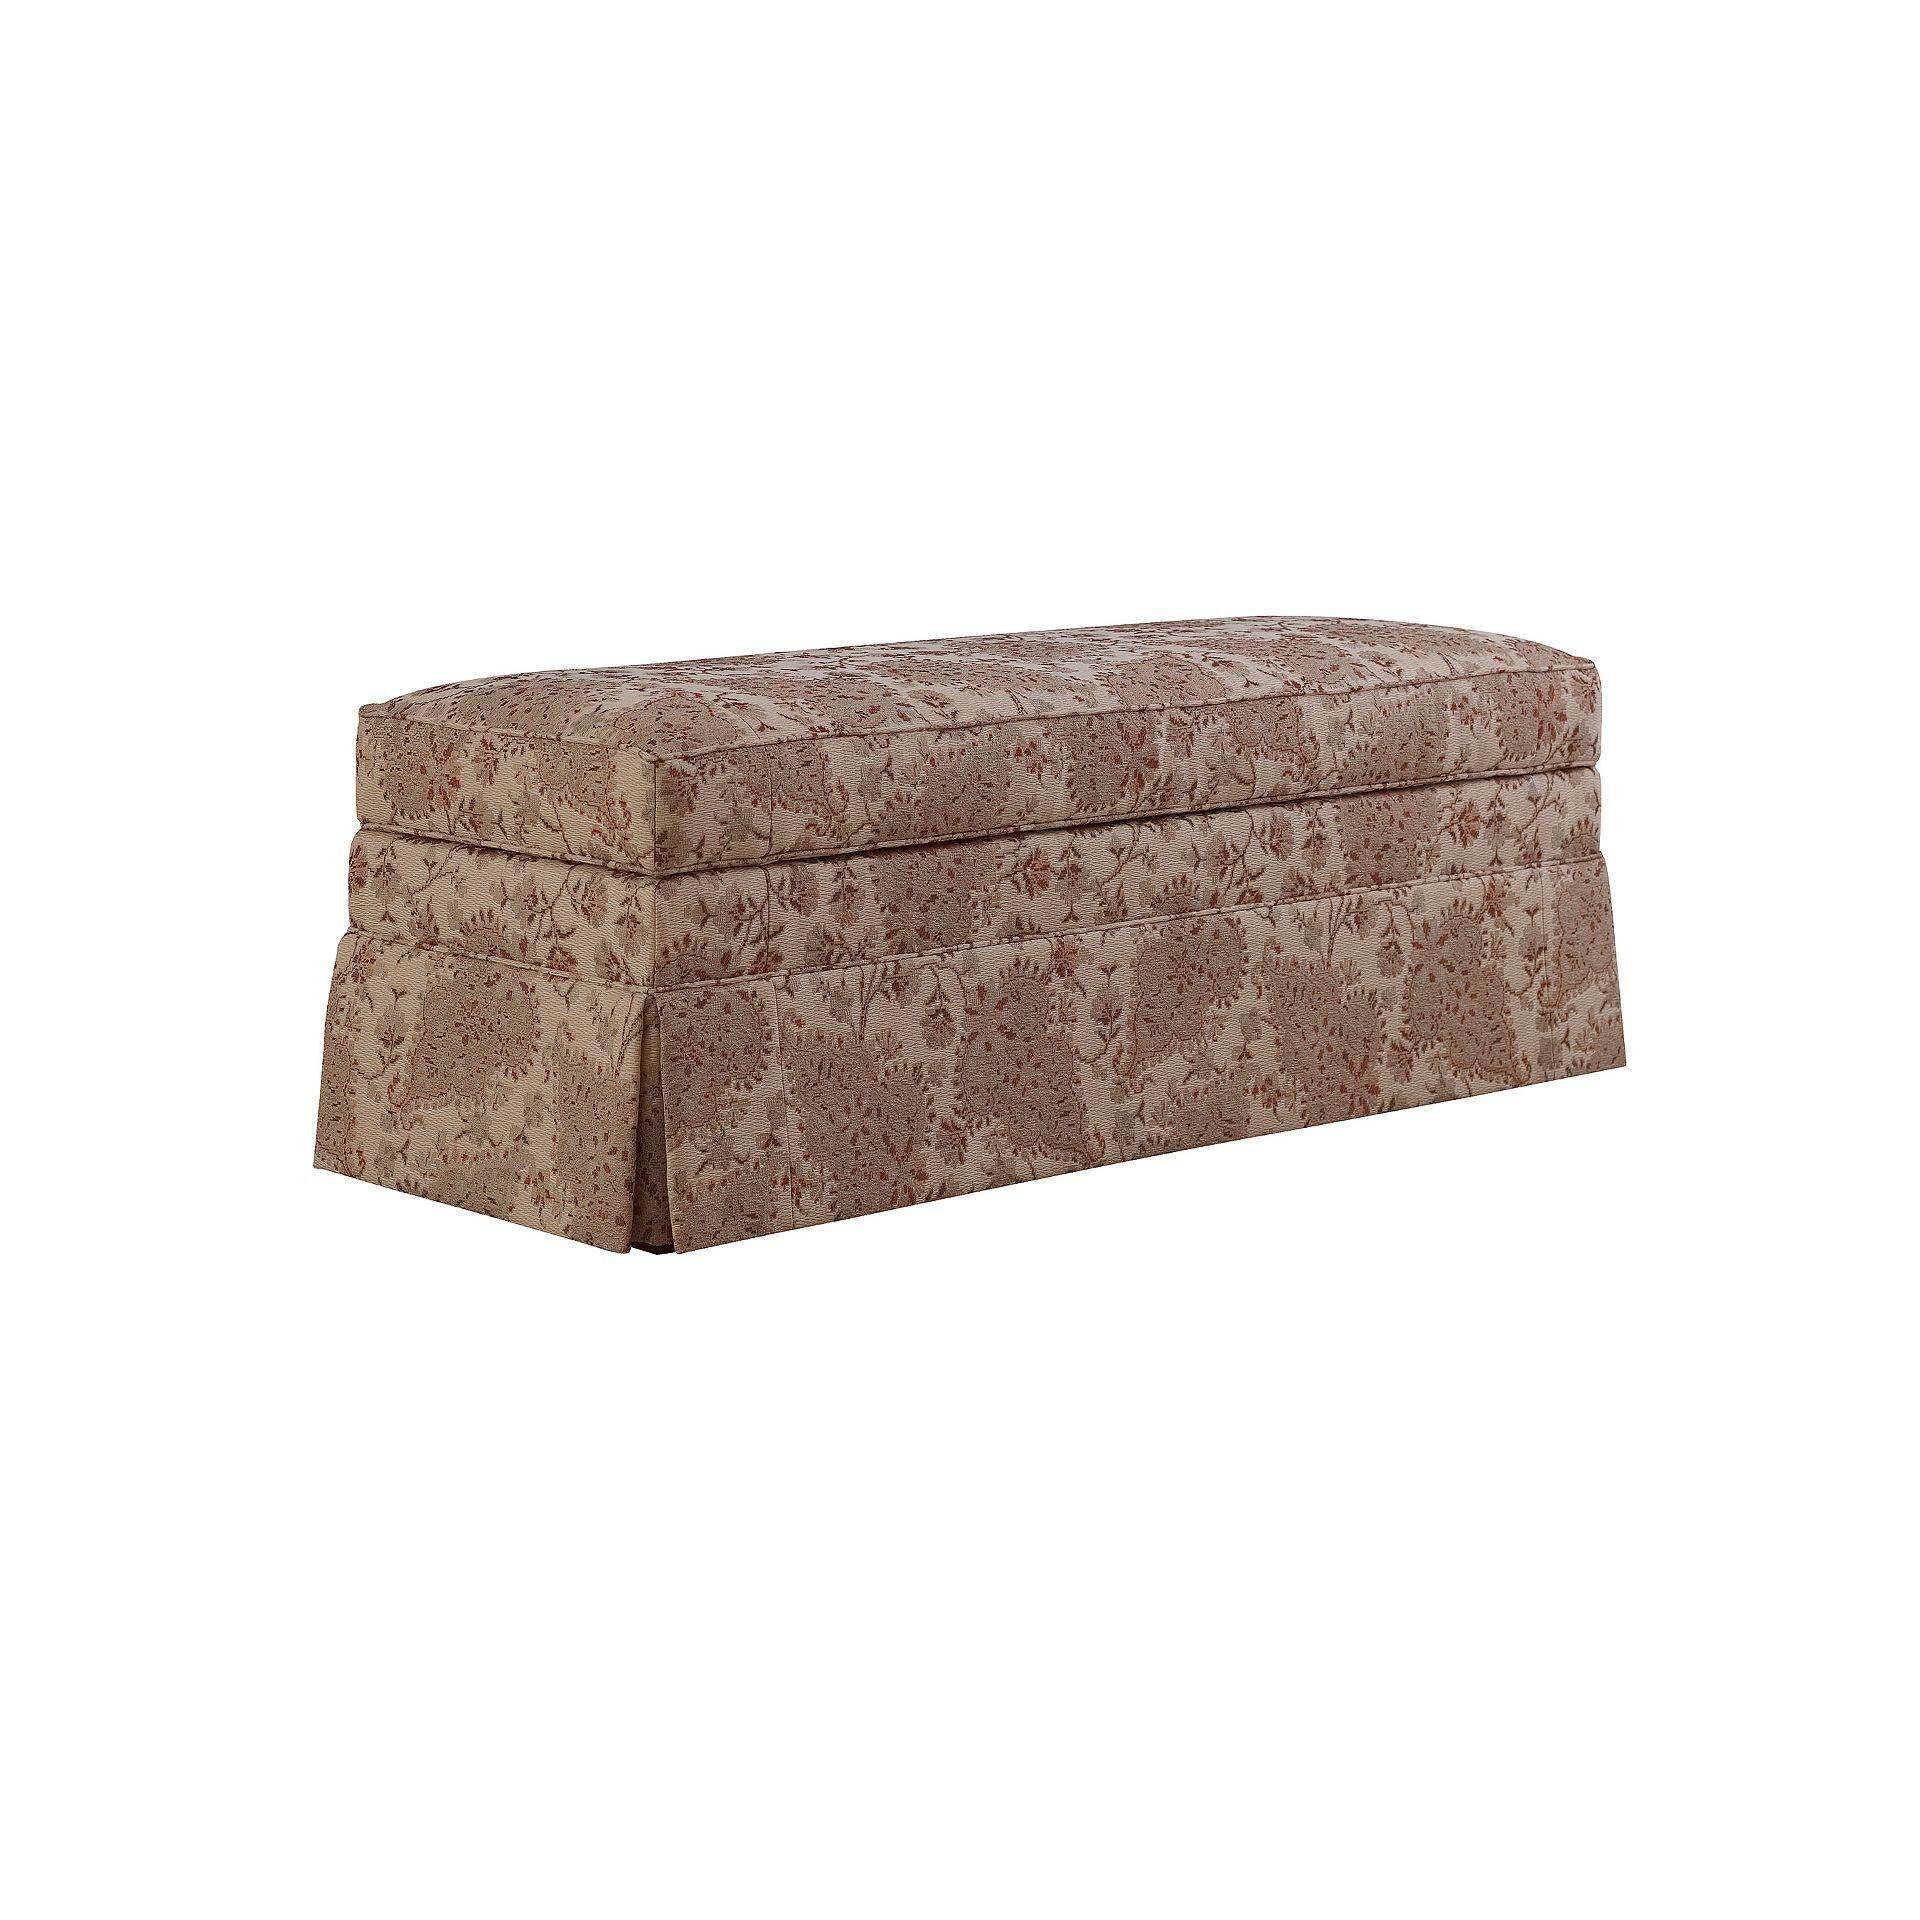 Henredon Furniture Henredon Upholstery Visionaire Custom Storage Ottoman H1255-STO  sc 1 st  Goodu0027s Home Furnishings & Henredon Furniture H1255-STO Living Room Henredon Upholstery ...